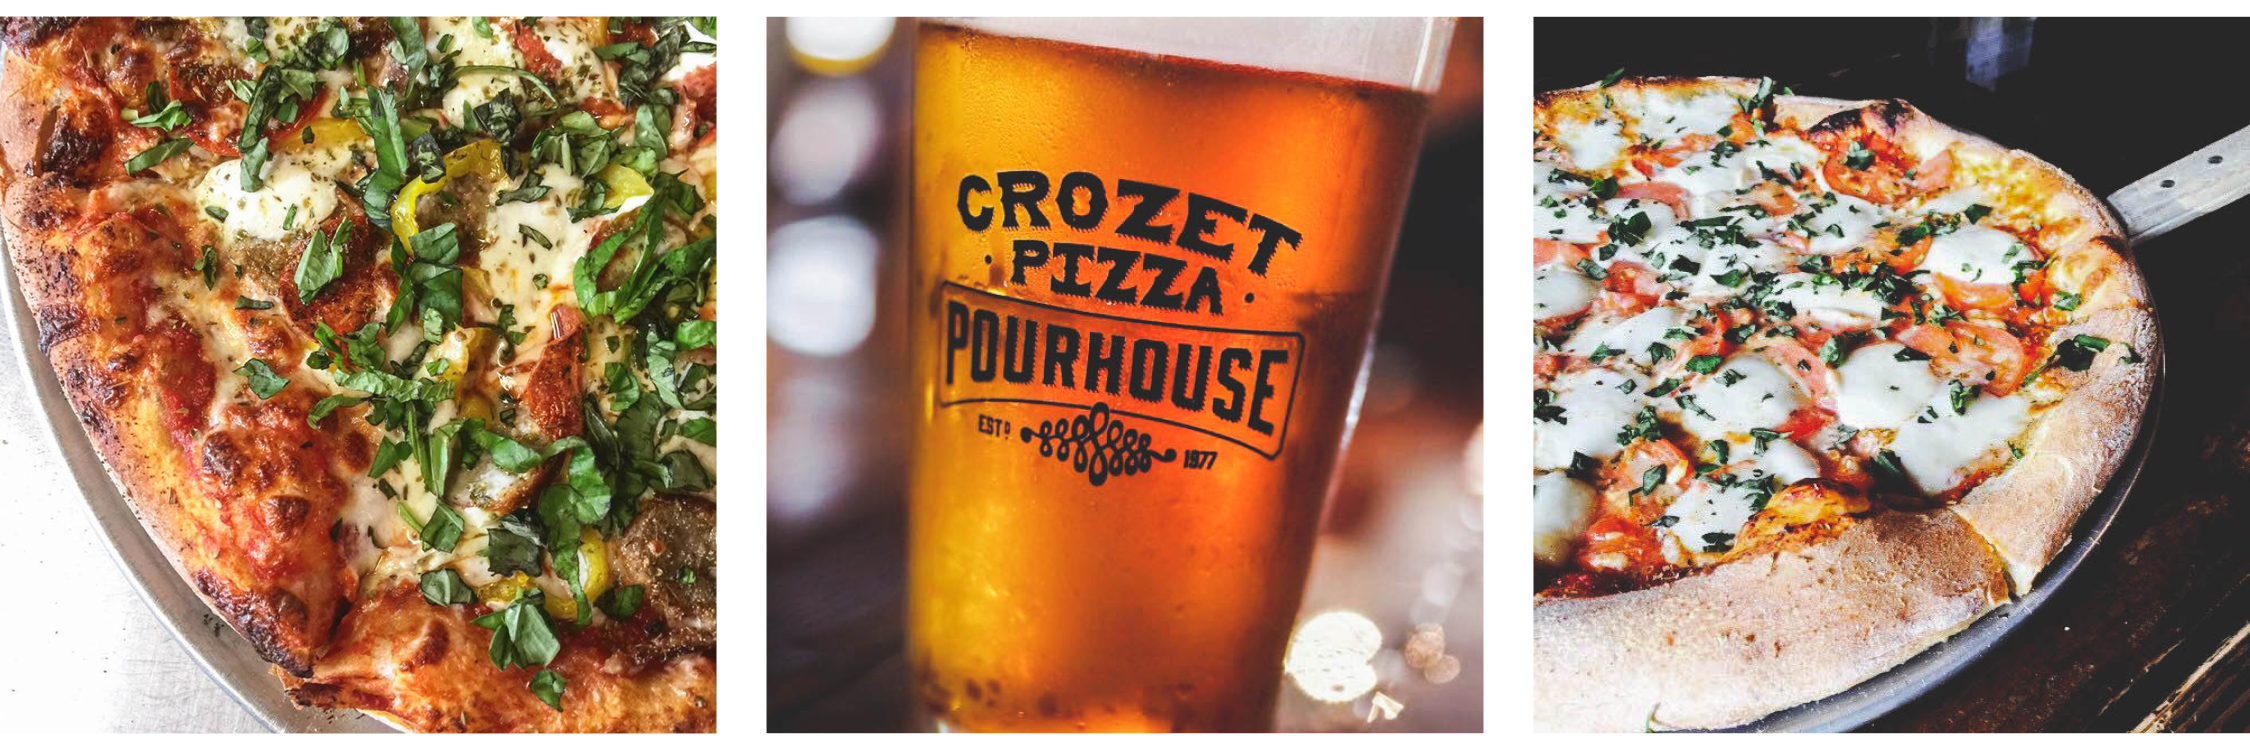 Images: Crozet Pizza